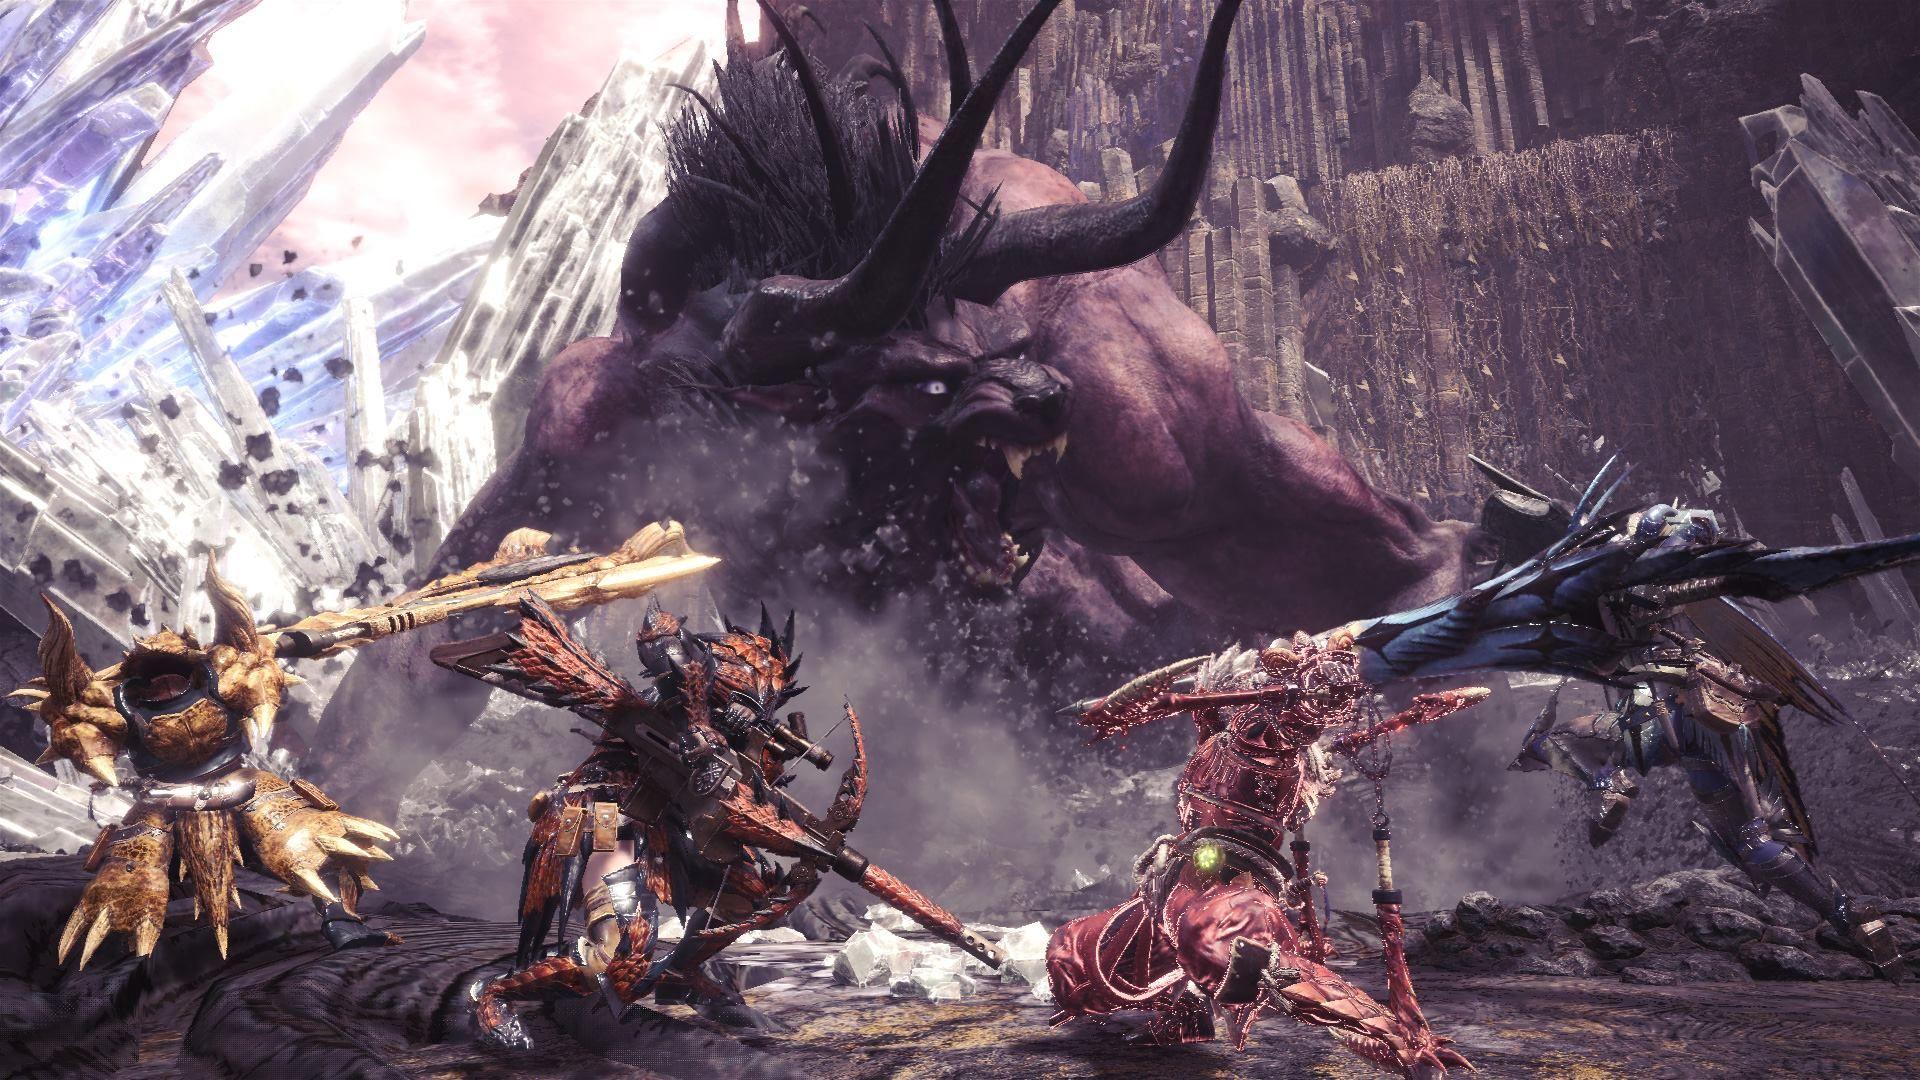 Guida - caccia - Behemoth - armatura - guida behemoth- caccia - MHW - Monster hunter world - FF - Final Fantasy XIV - collaborazione - collaboration